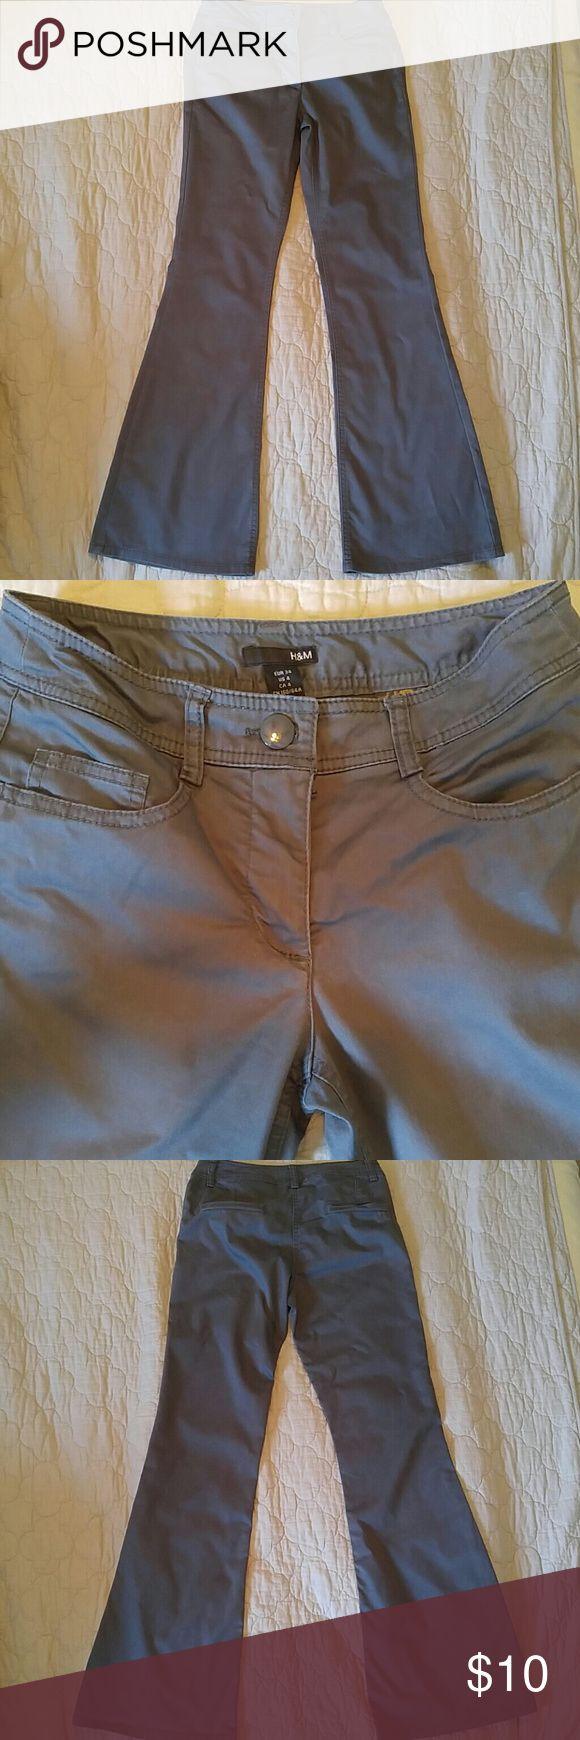 H&M Women's Grey Dress Pants Size 4 H&M Women's Grey Dress Pants Size 4 H&M Pants Boot Cut & Flare